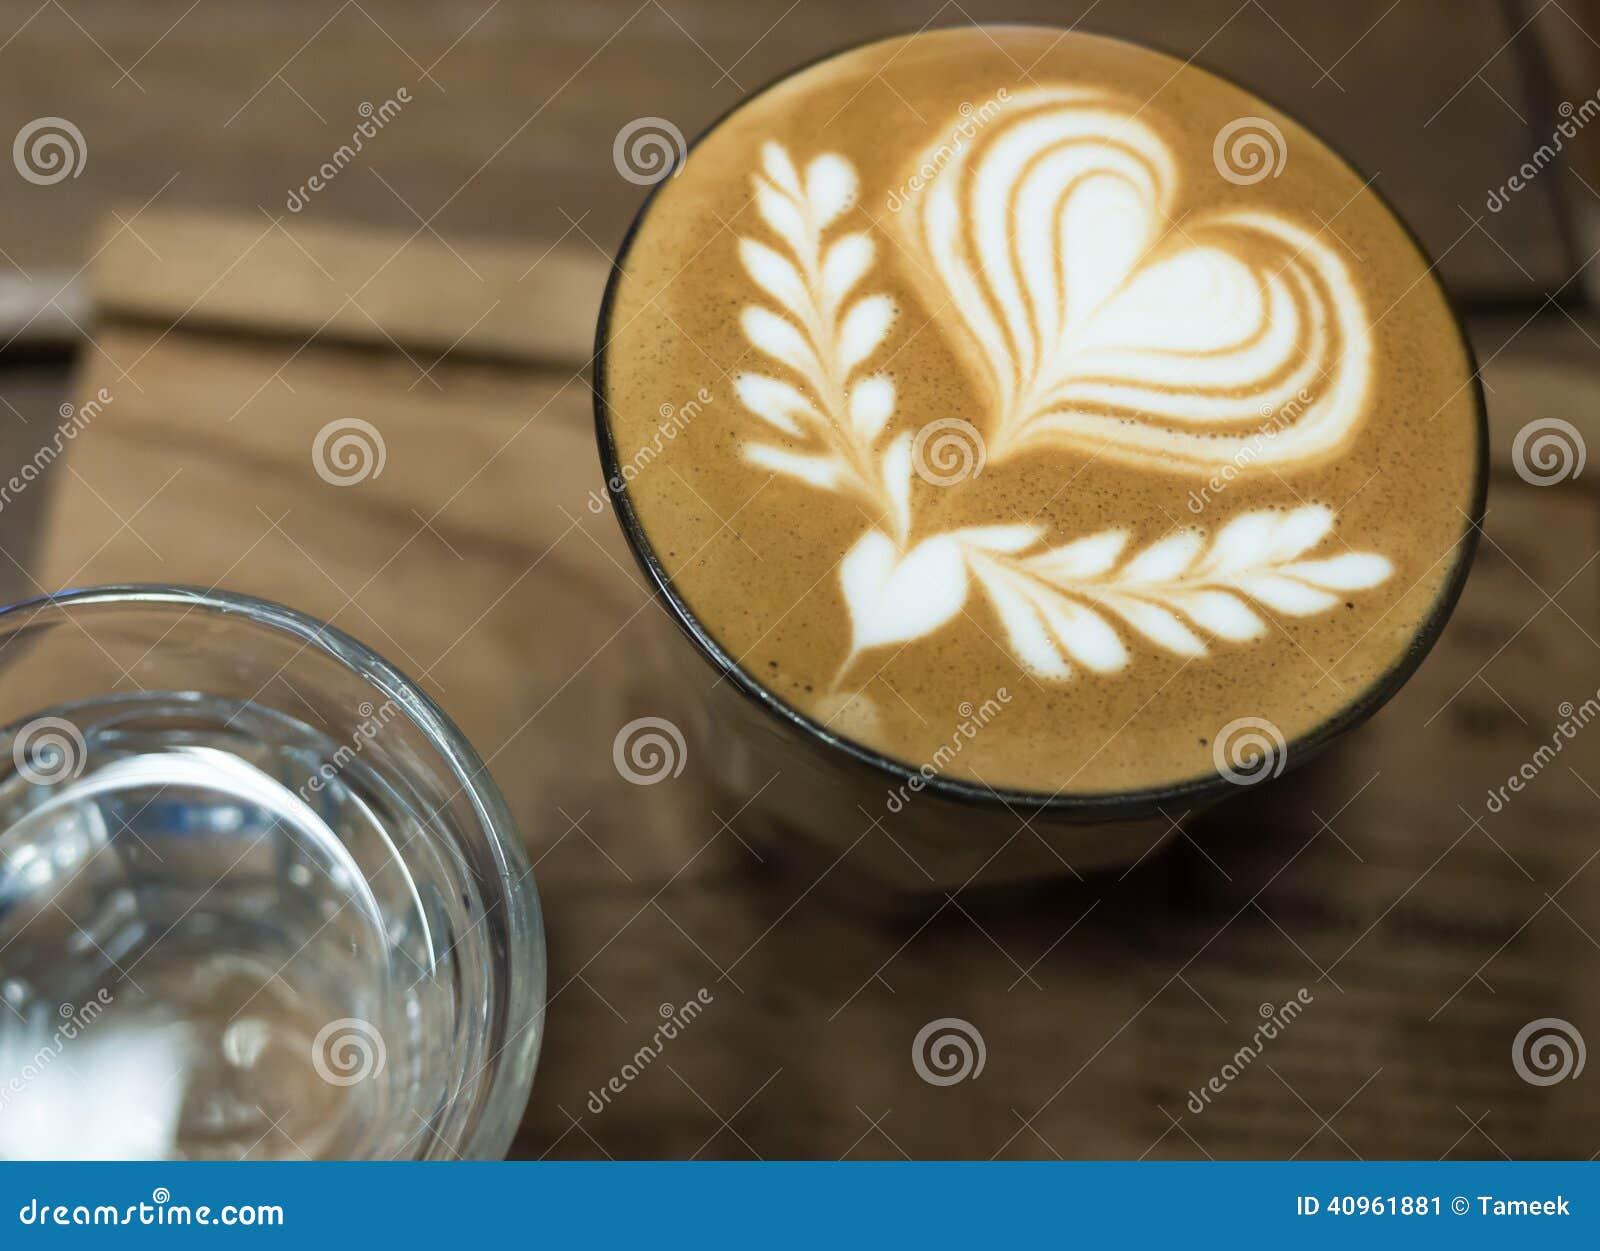 Arte do latte do café